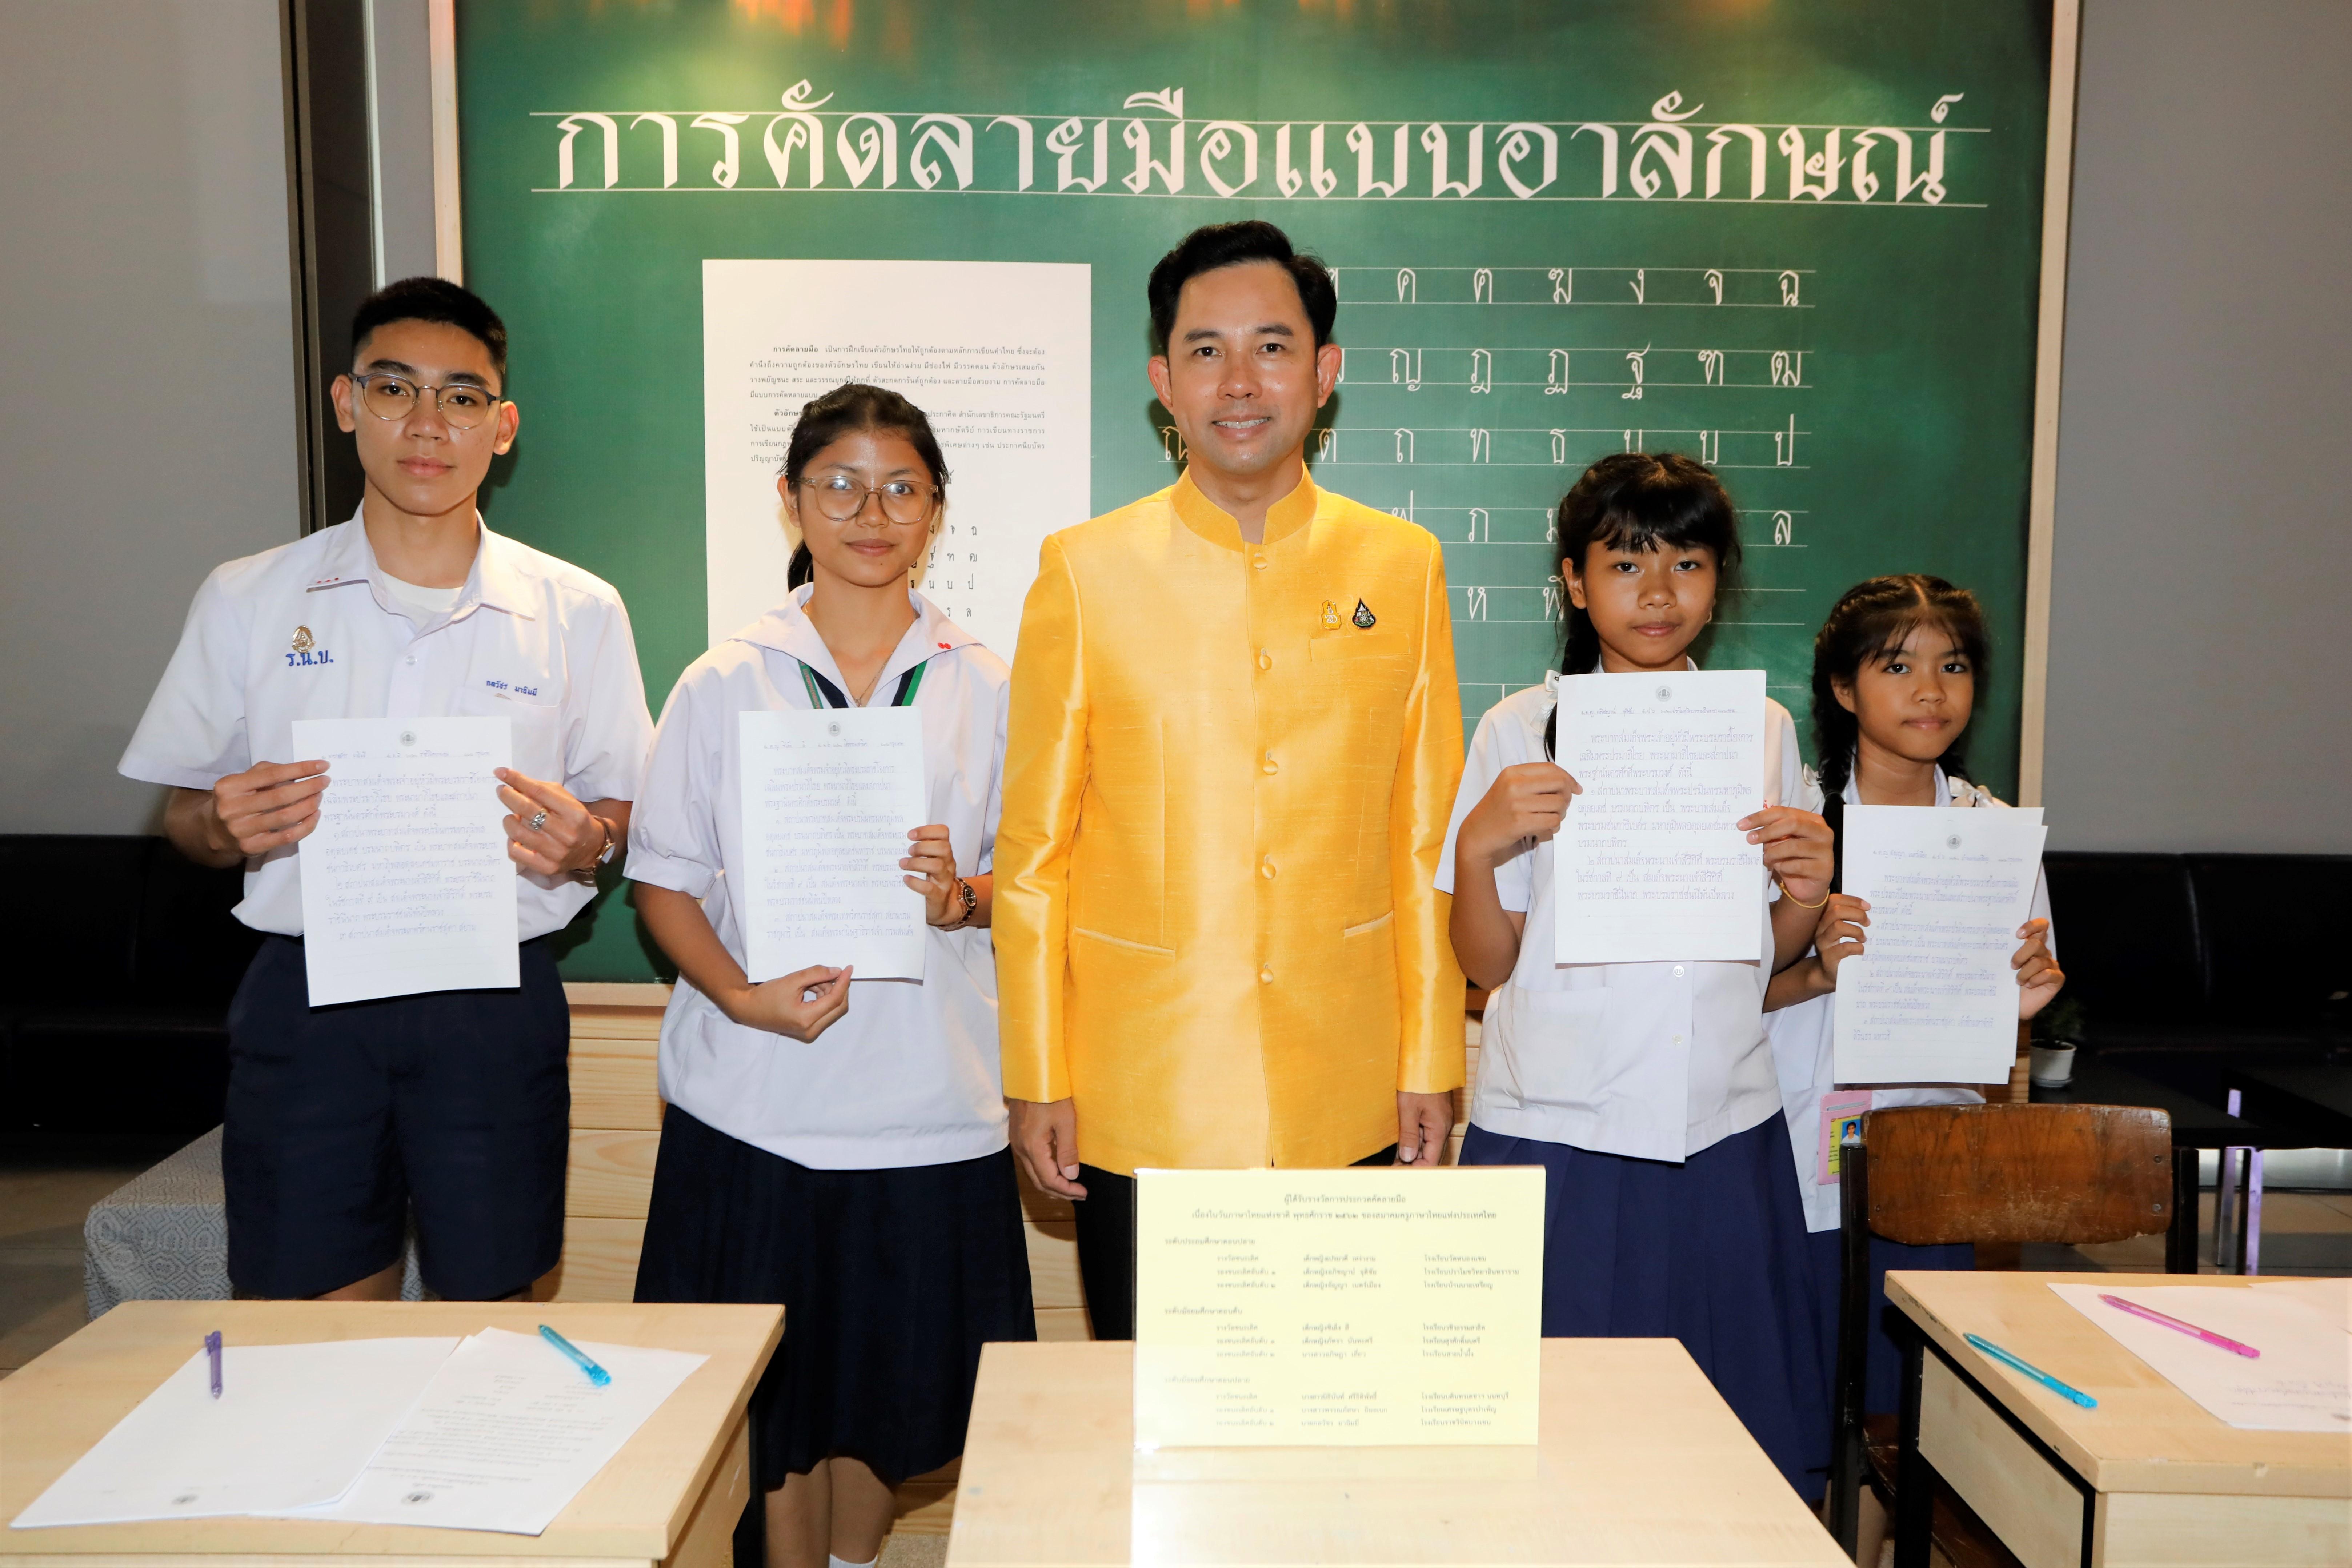 สมาคมฯ จัดประกวดคัดลายมือ เนื่องในวันภาษาไทยแห่งชาติ ประจำปี ๒๕๖๒